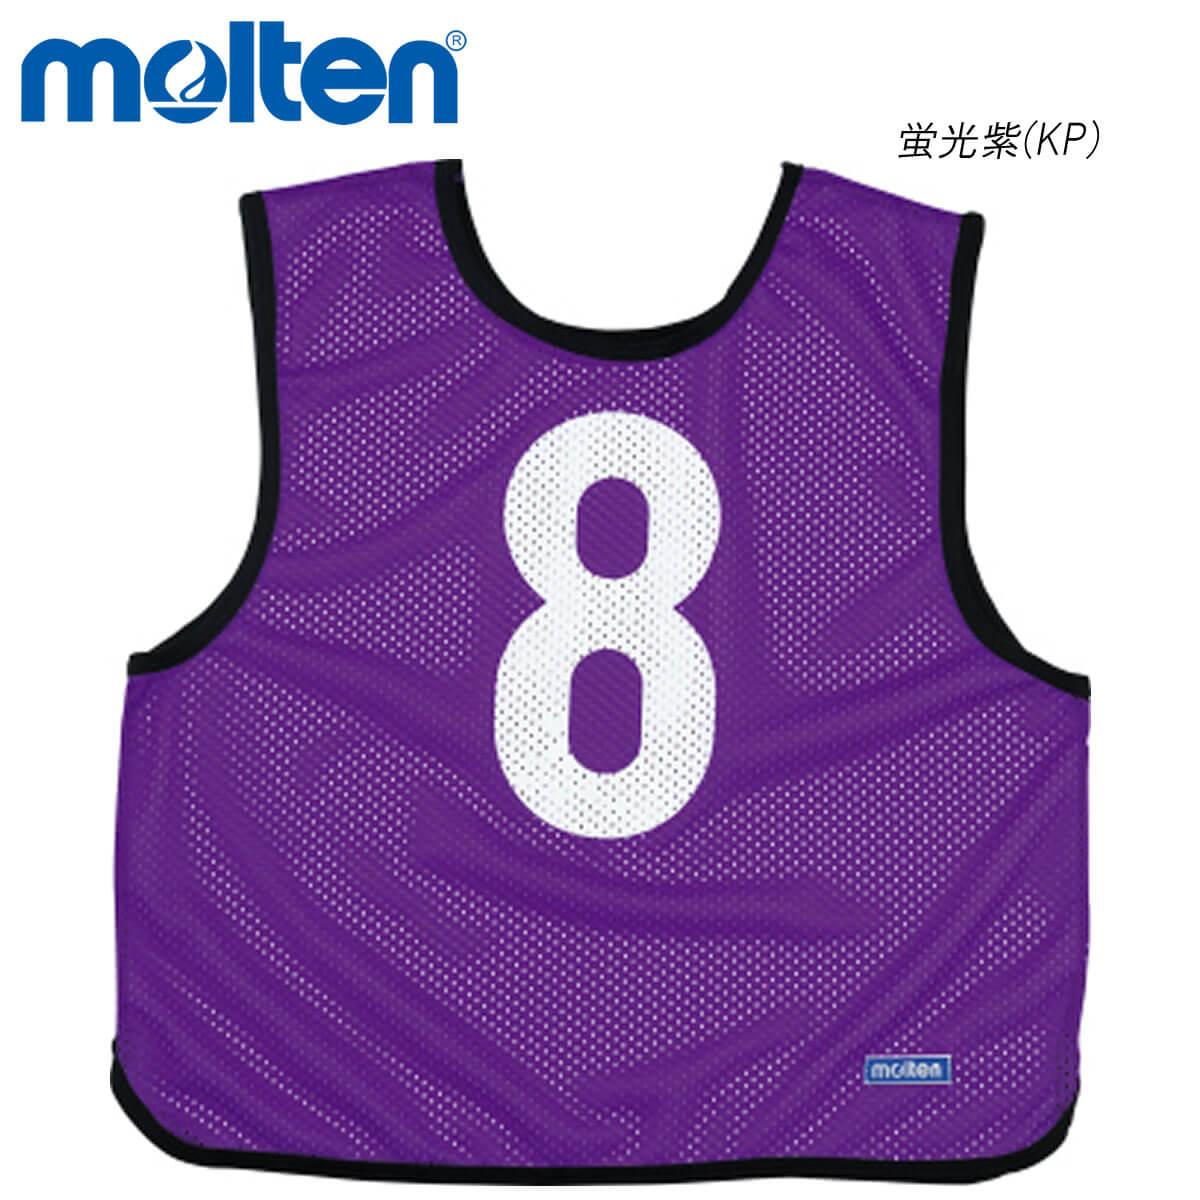 モルテン molten GB0013-KP12 オールスポーツ アクセサリ 小物 ゲームベスト蛍光紫12 2021 取り寄せ ゲームベスト お買い得 おすすめ特集 蛍光紫12 メール便可